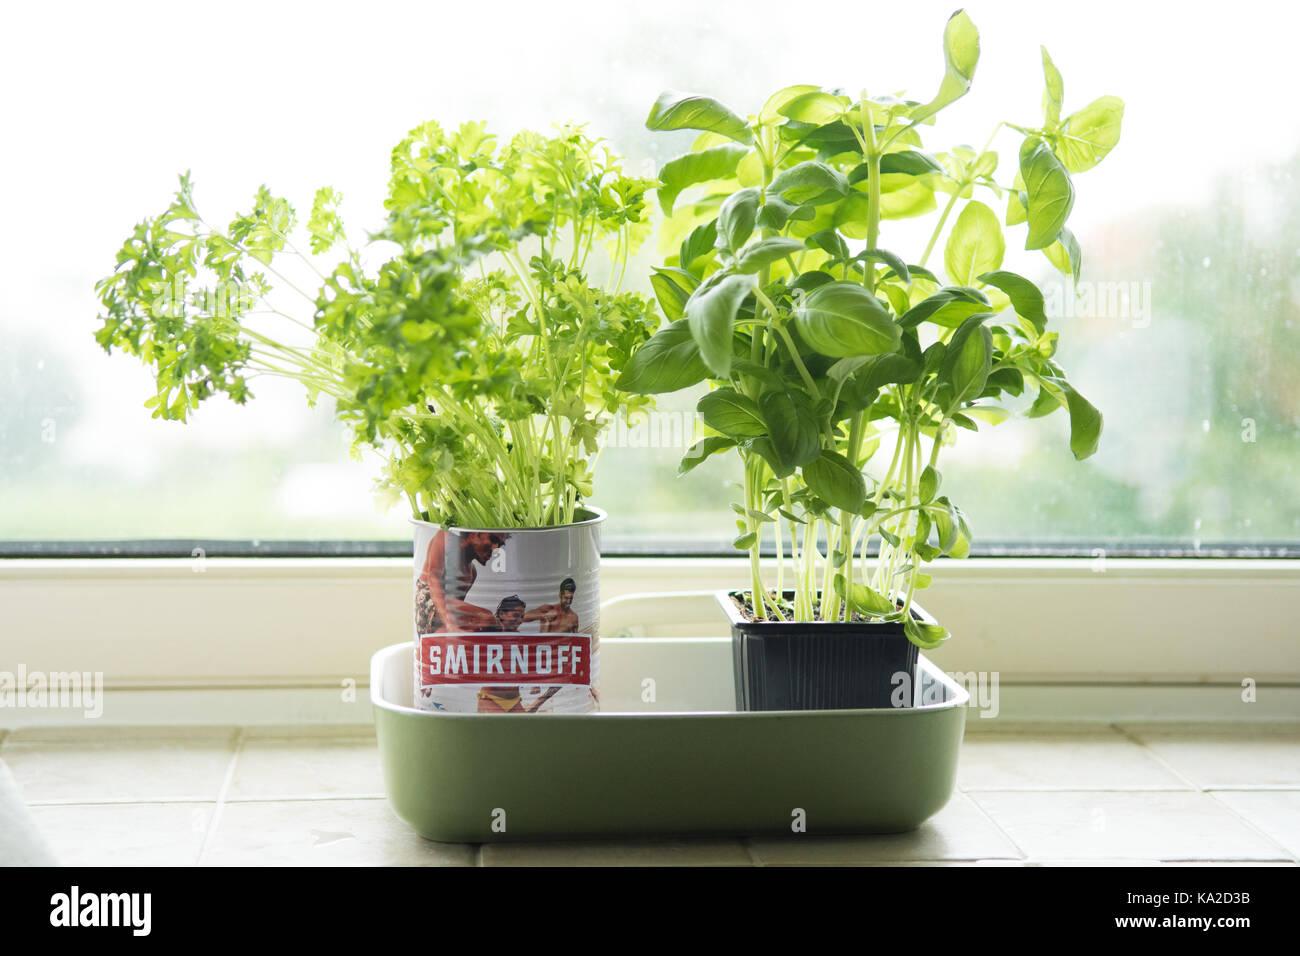 Il prezzemolo e il basilico cresce in vasi sul davanzale della cucina Immagini Stock